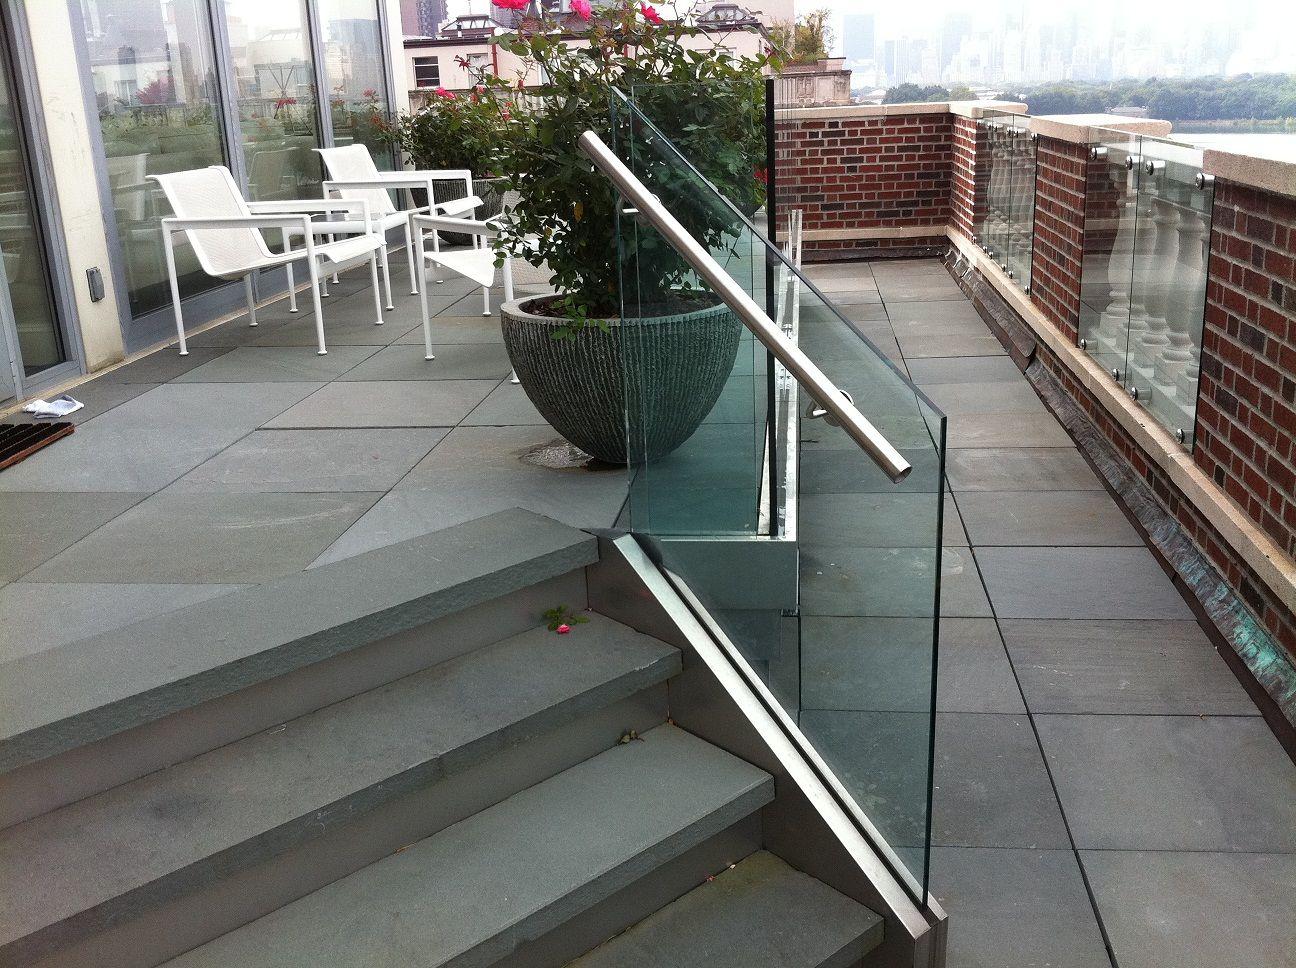 M&L Steel Ornamental Iron Corporation